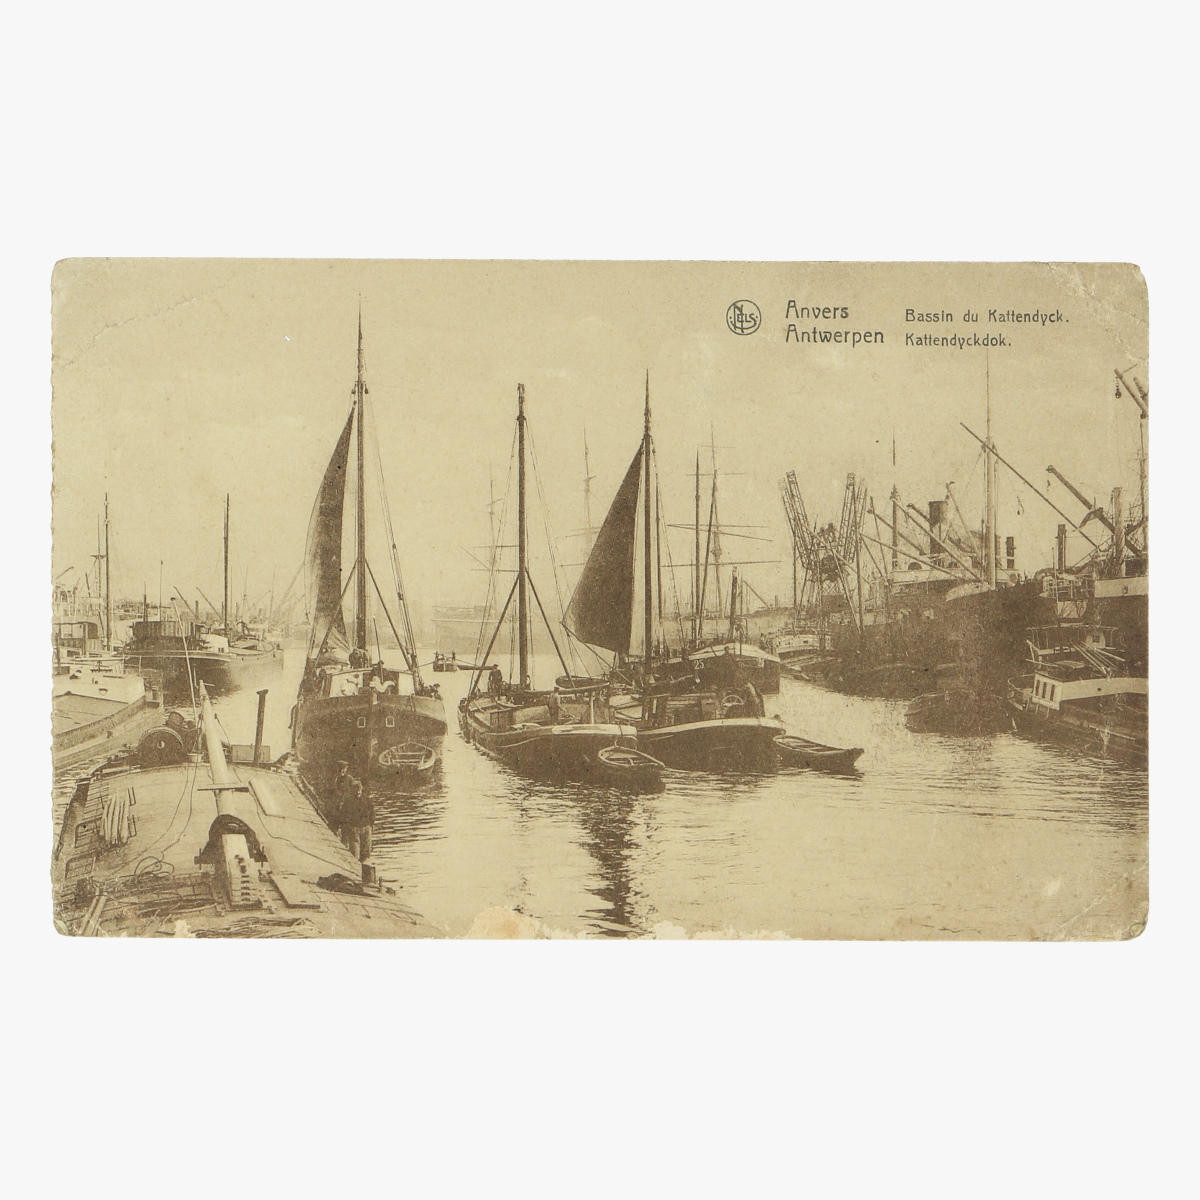 Afbeeldingen van oude postkaart antwerpen kattendijckdok